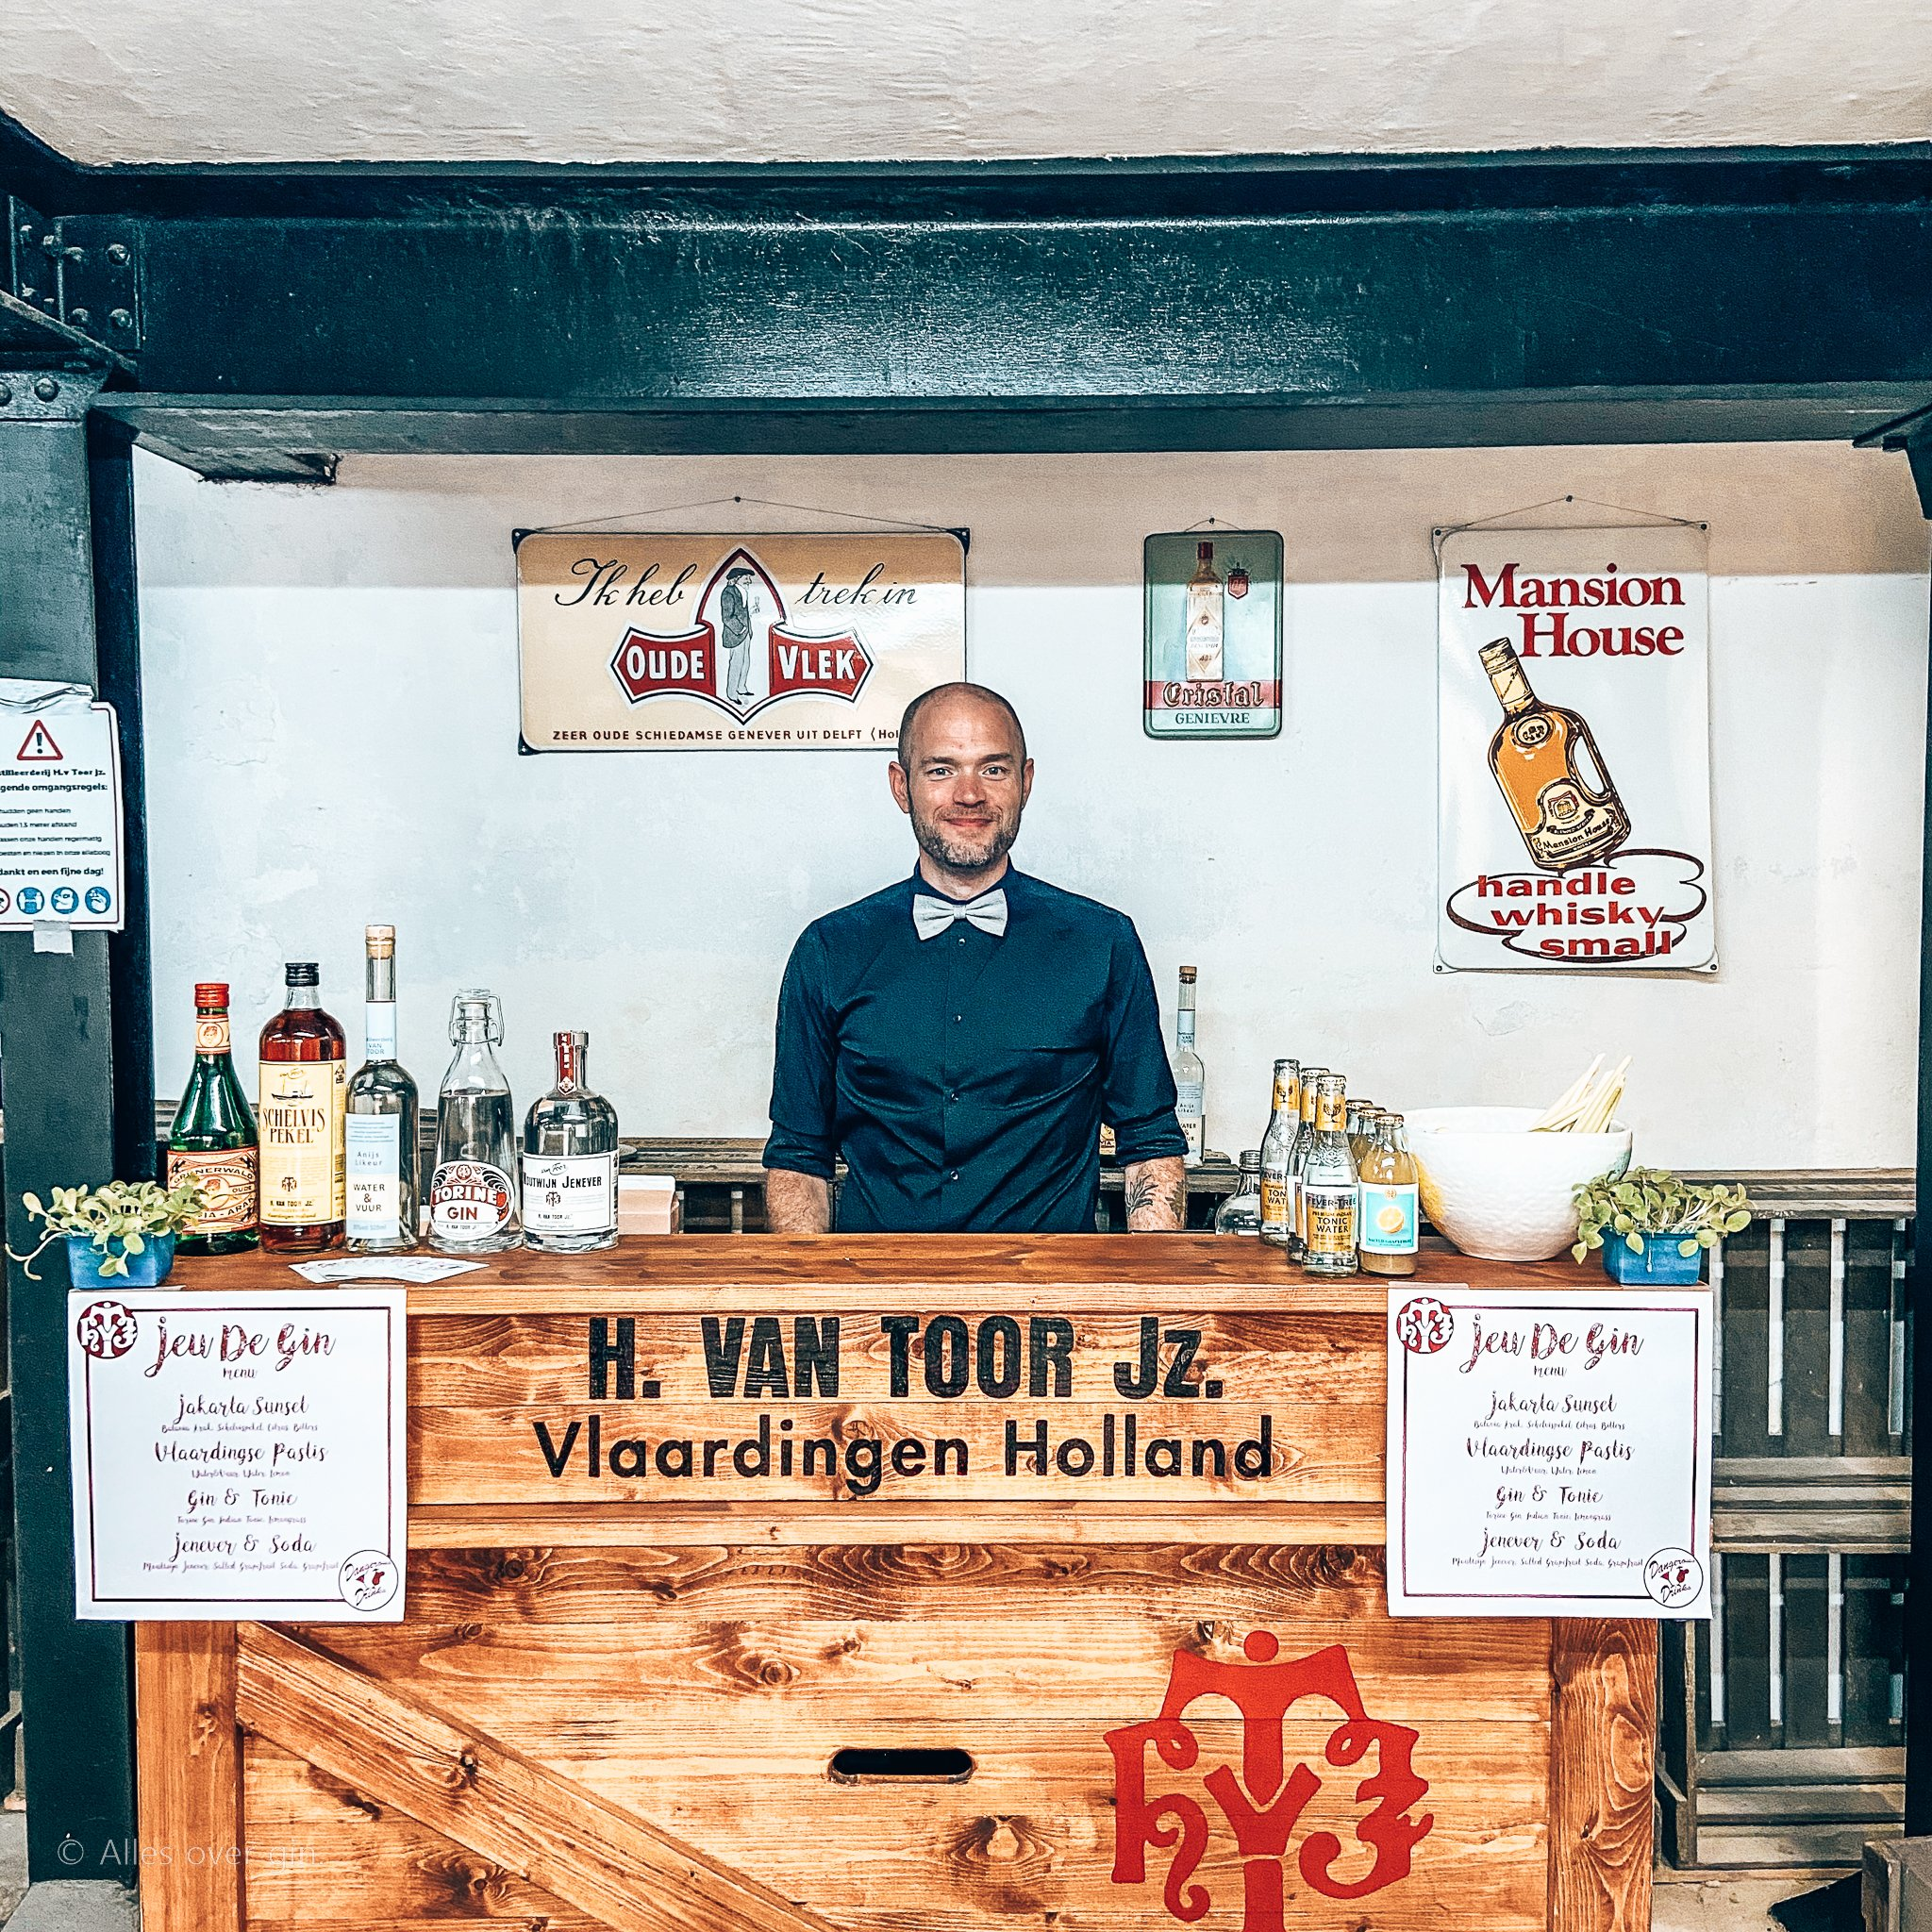 JeuDeGin in Vlaardigen, Distilleerderij Van Toor, Alles over gin.